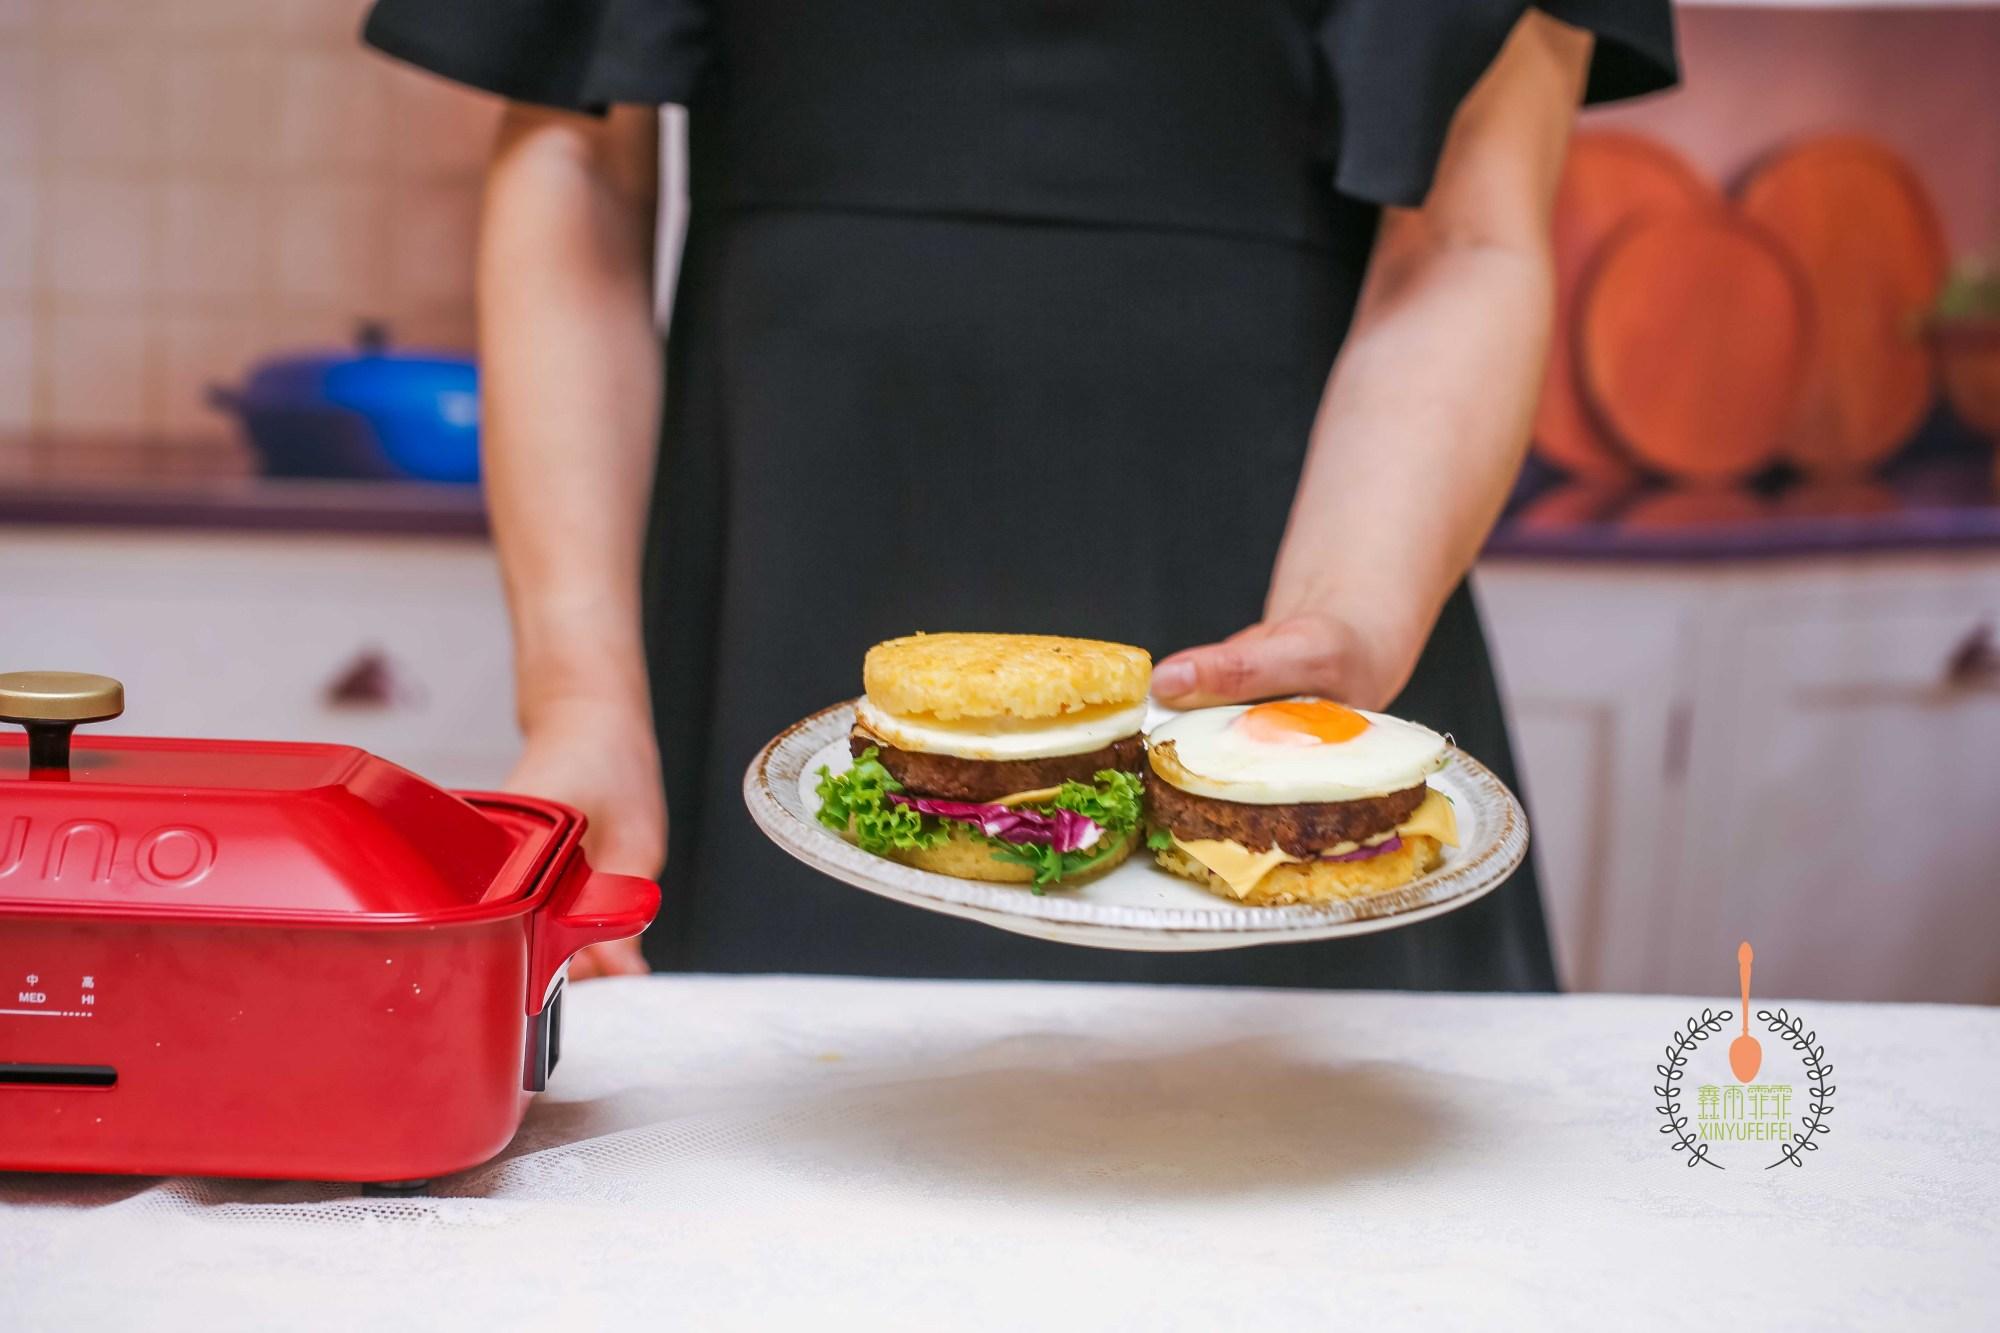 米漢堡比炒飯香,比漢堡受歡迎,10分鐘早餐,孩子隔三差五點要名吃